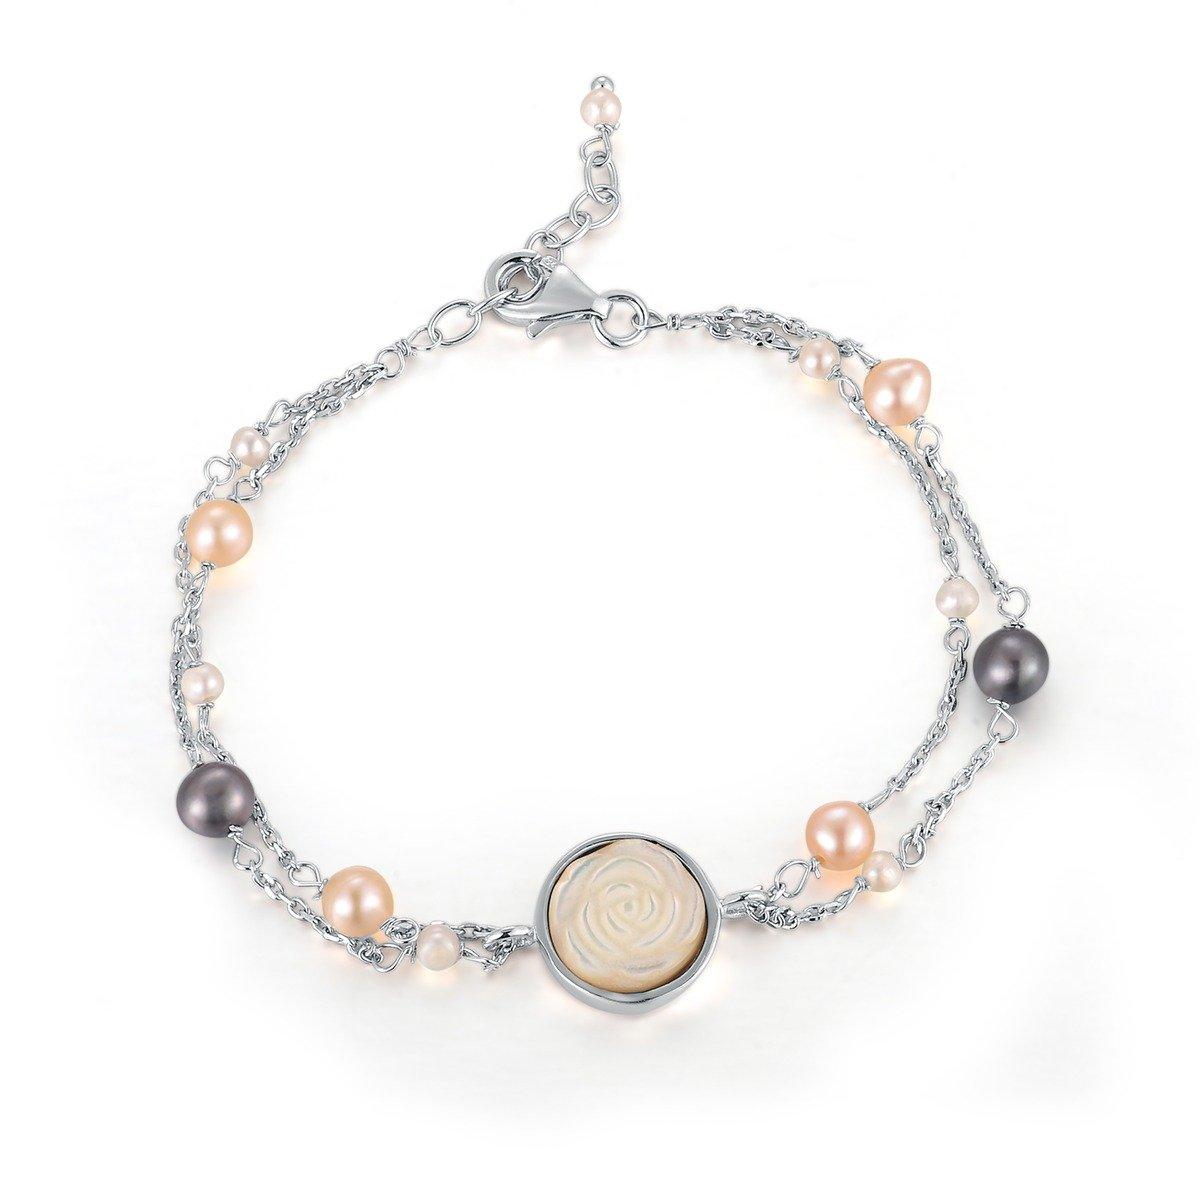 「天使白貝母玫瑰」淡水珠手鏈 -925 純銀